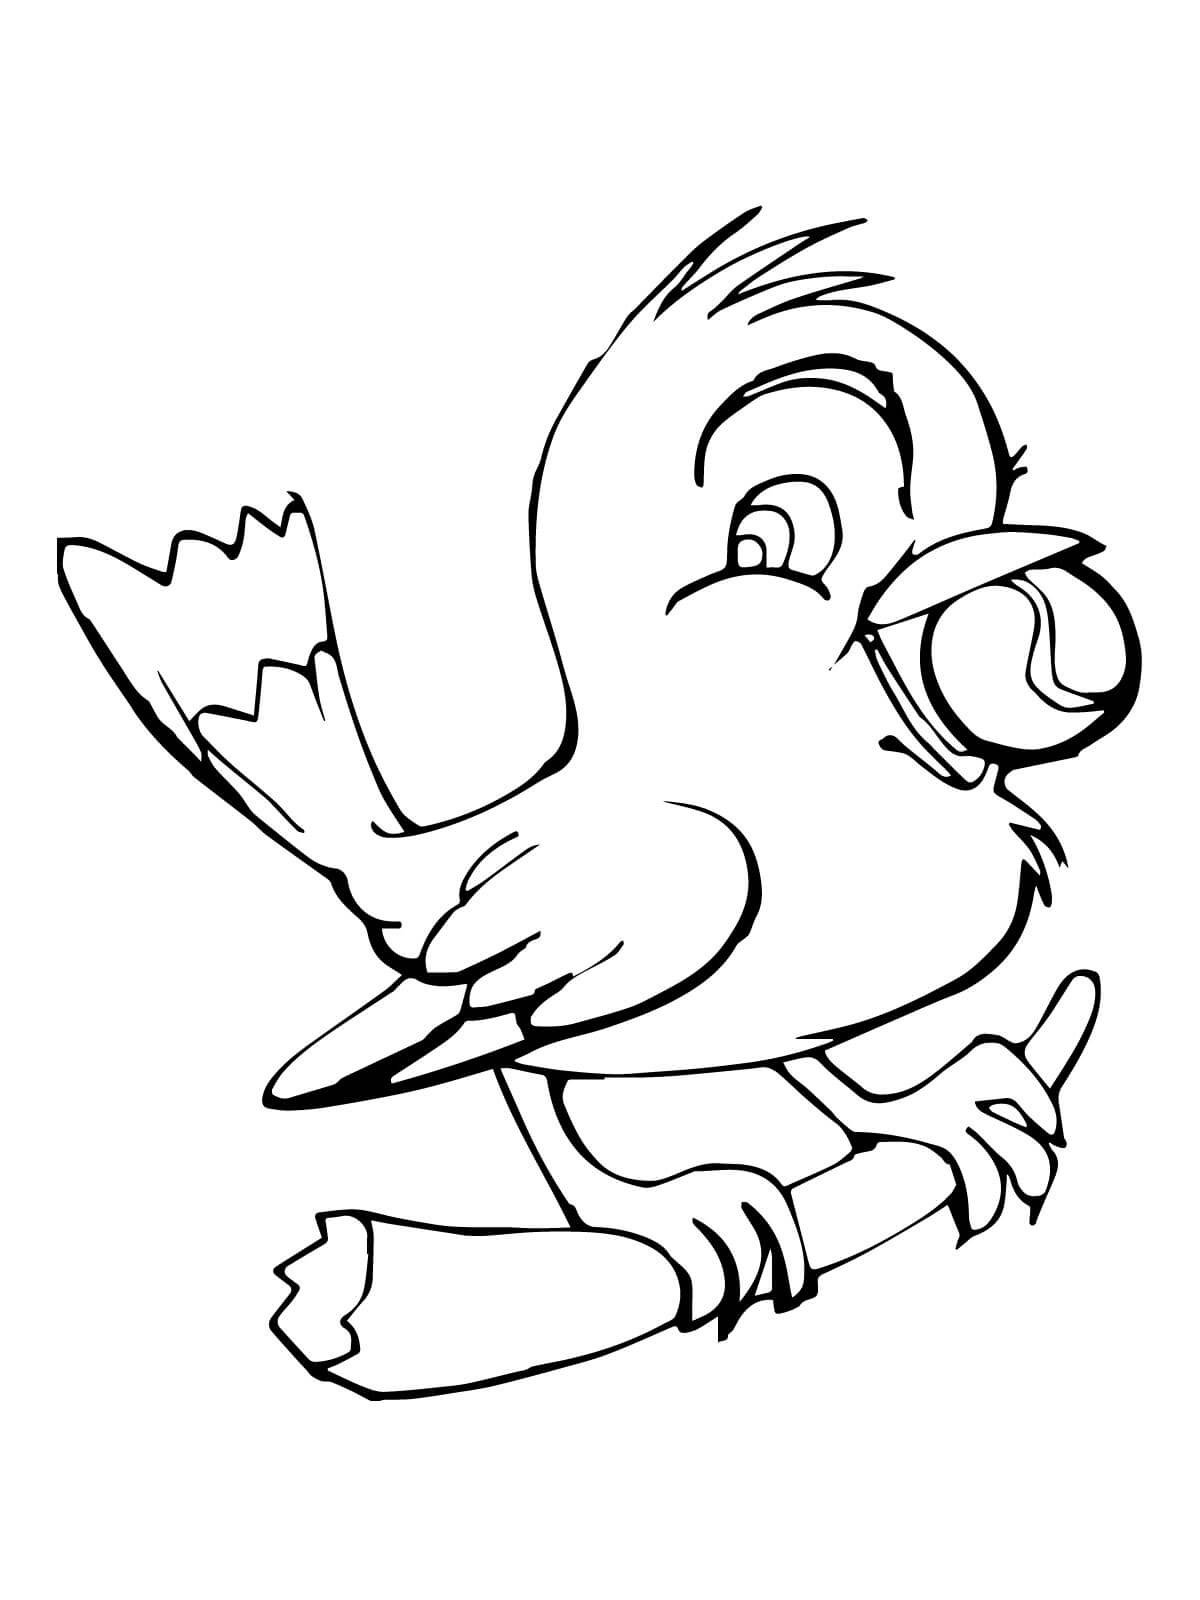 Tranh tô màu con chim ngậm quả bóng